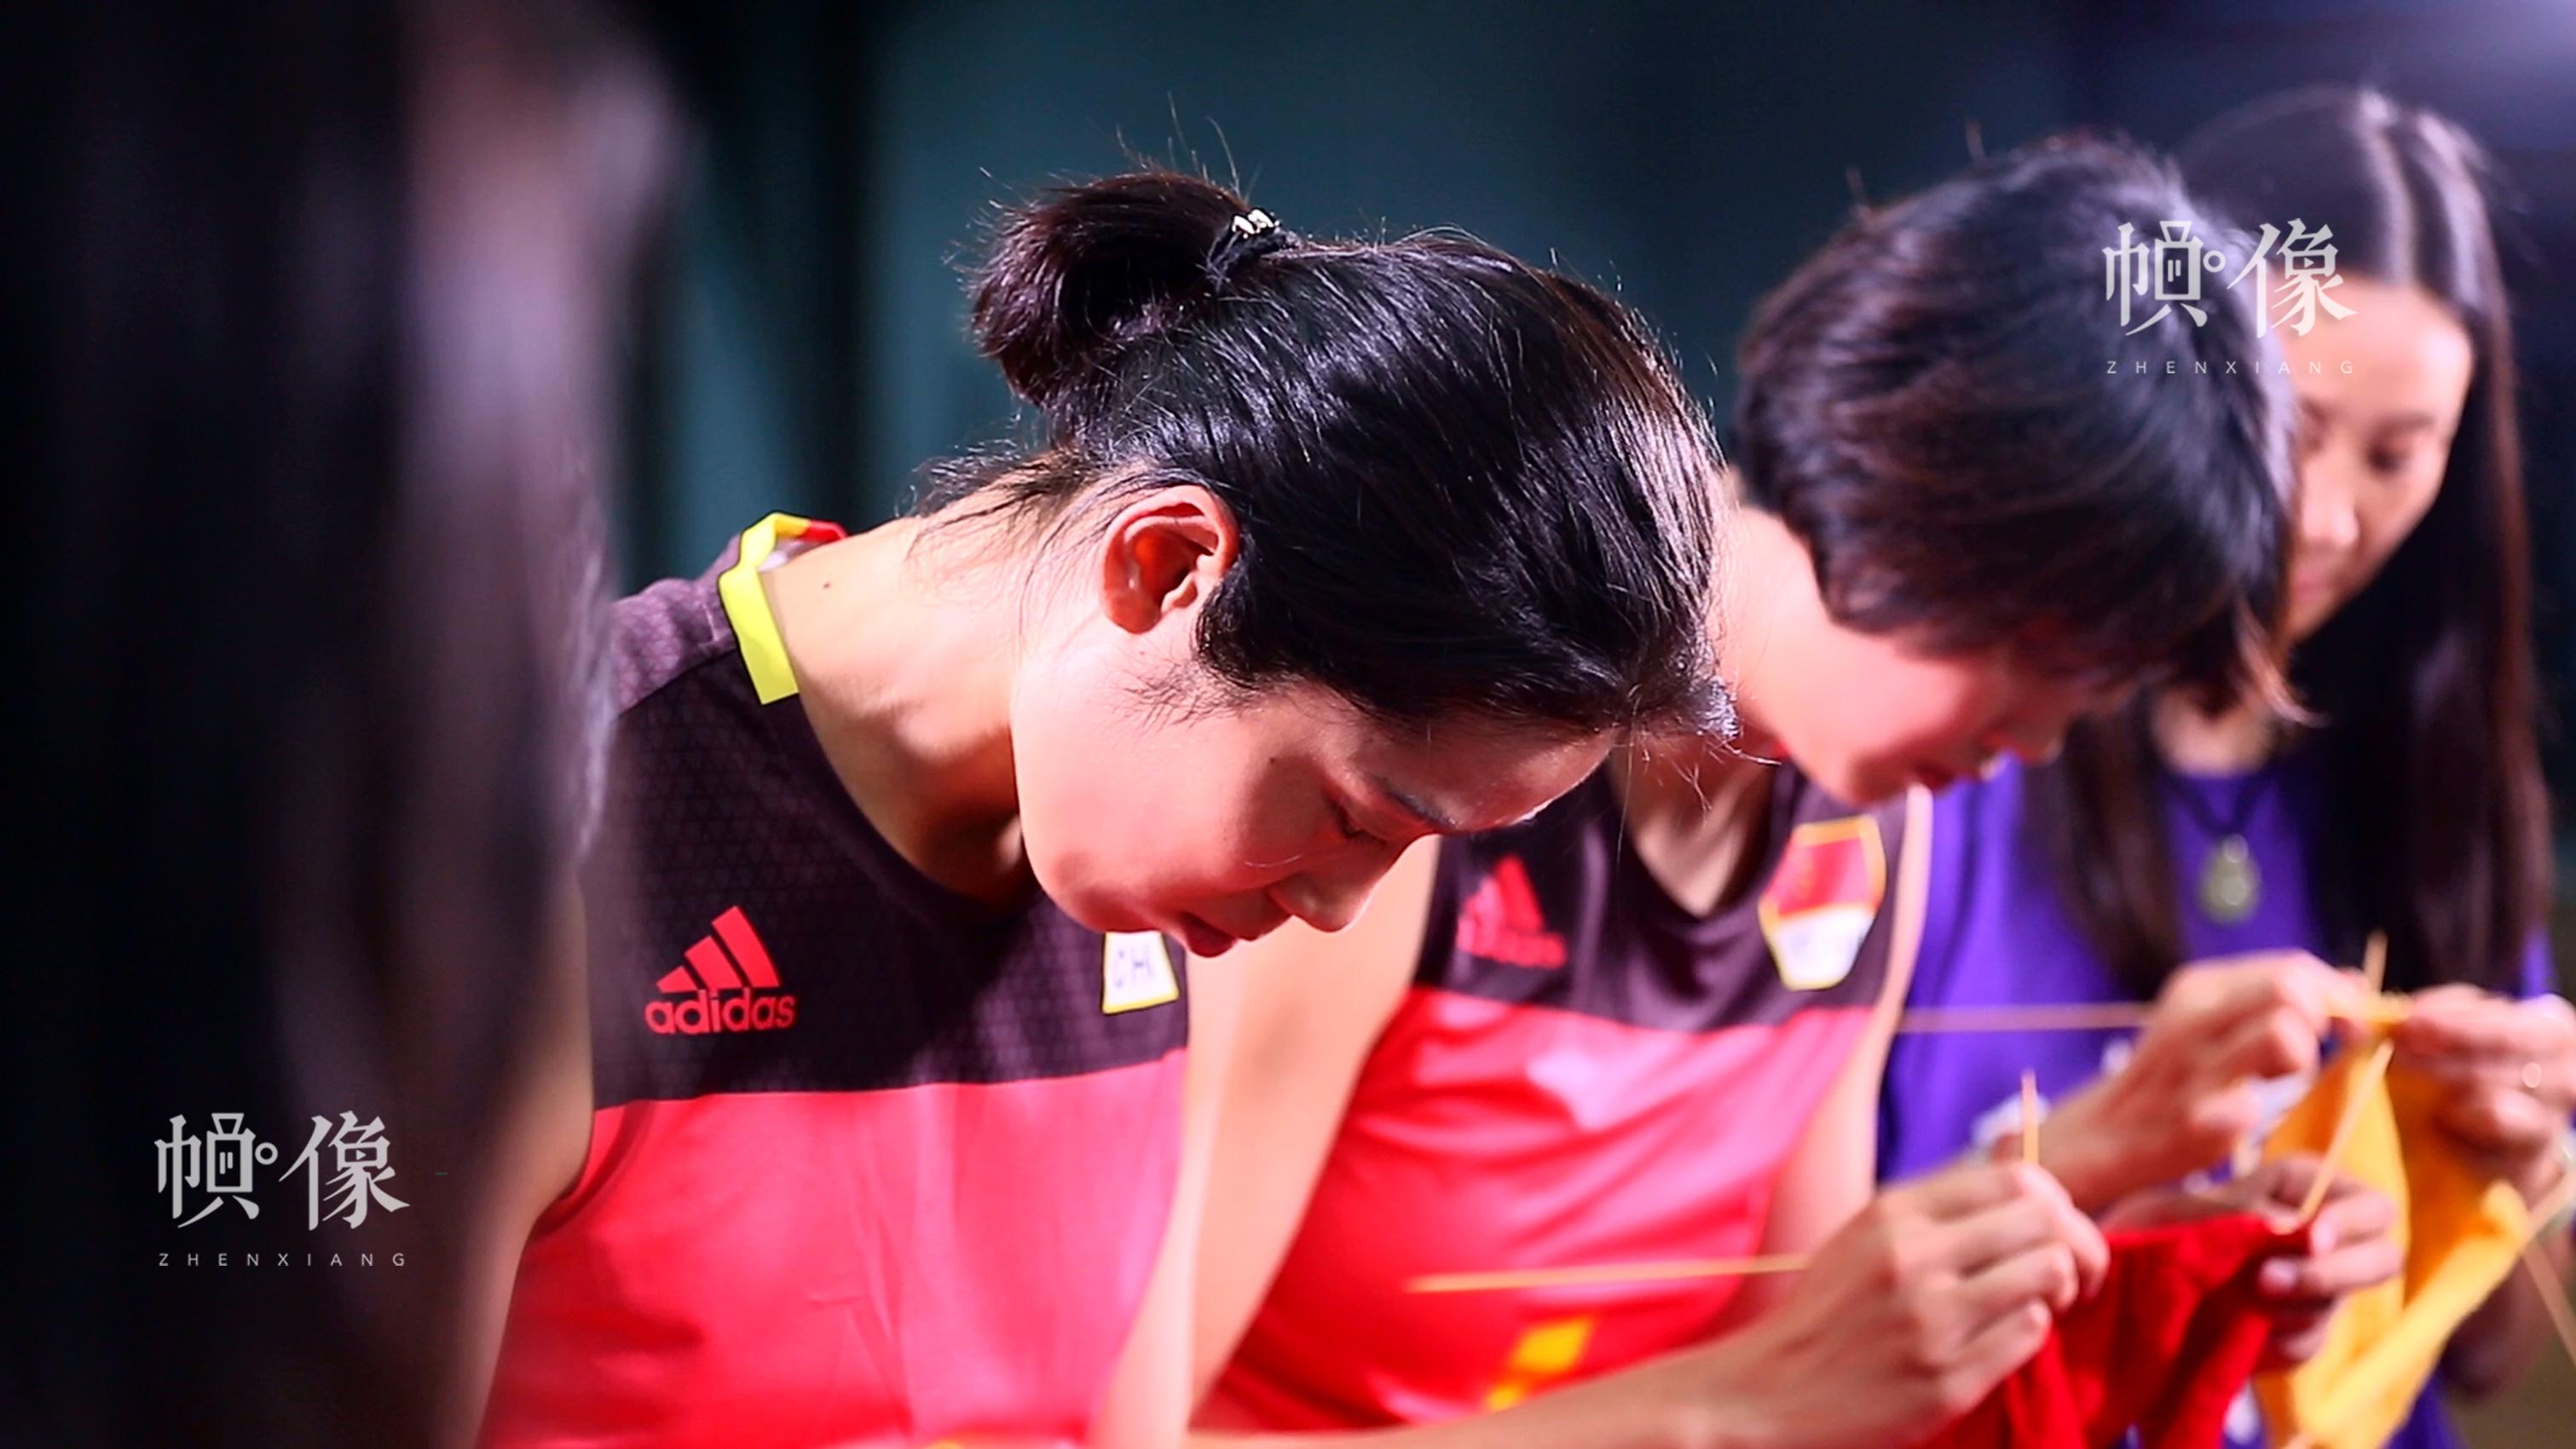 图为朱婷和袁心玥正在织毛衣。中国儿童少年基金会供图。